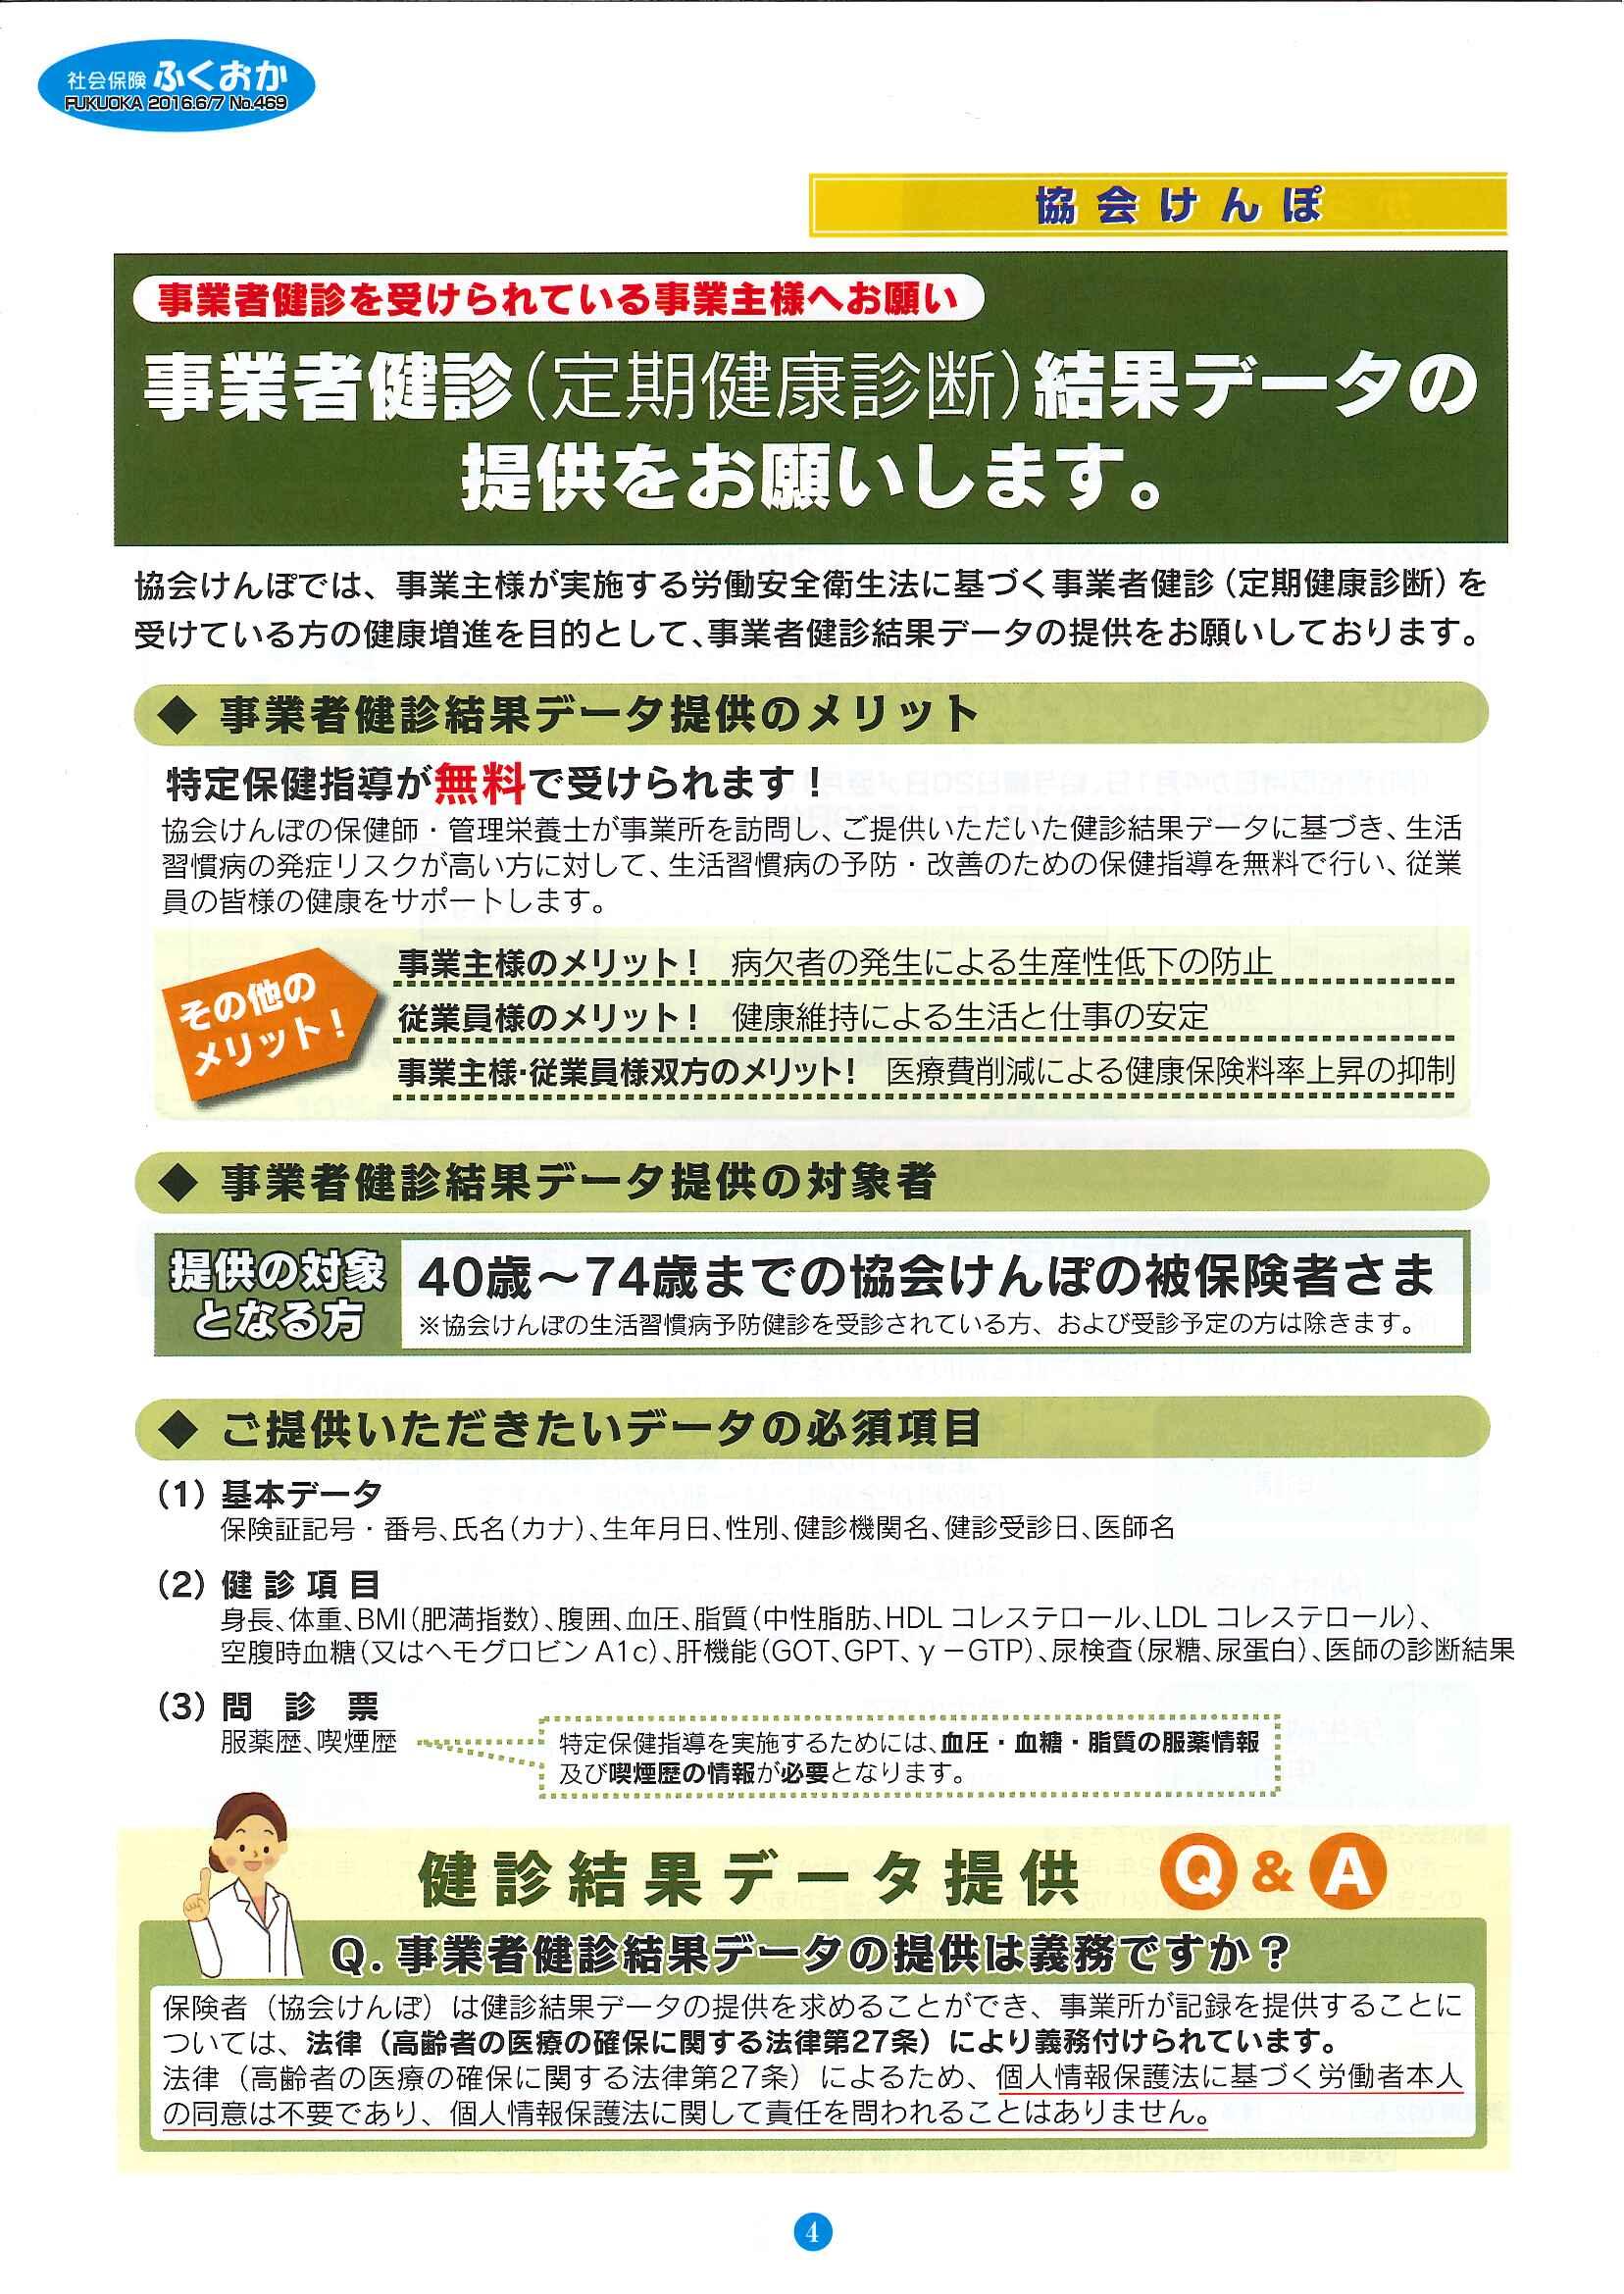 社会保険 ふくおか 2016年6・7月号_f0120774_15382988.jpg